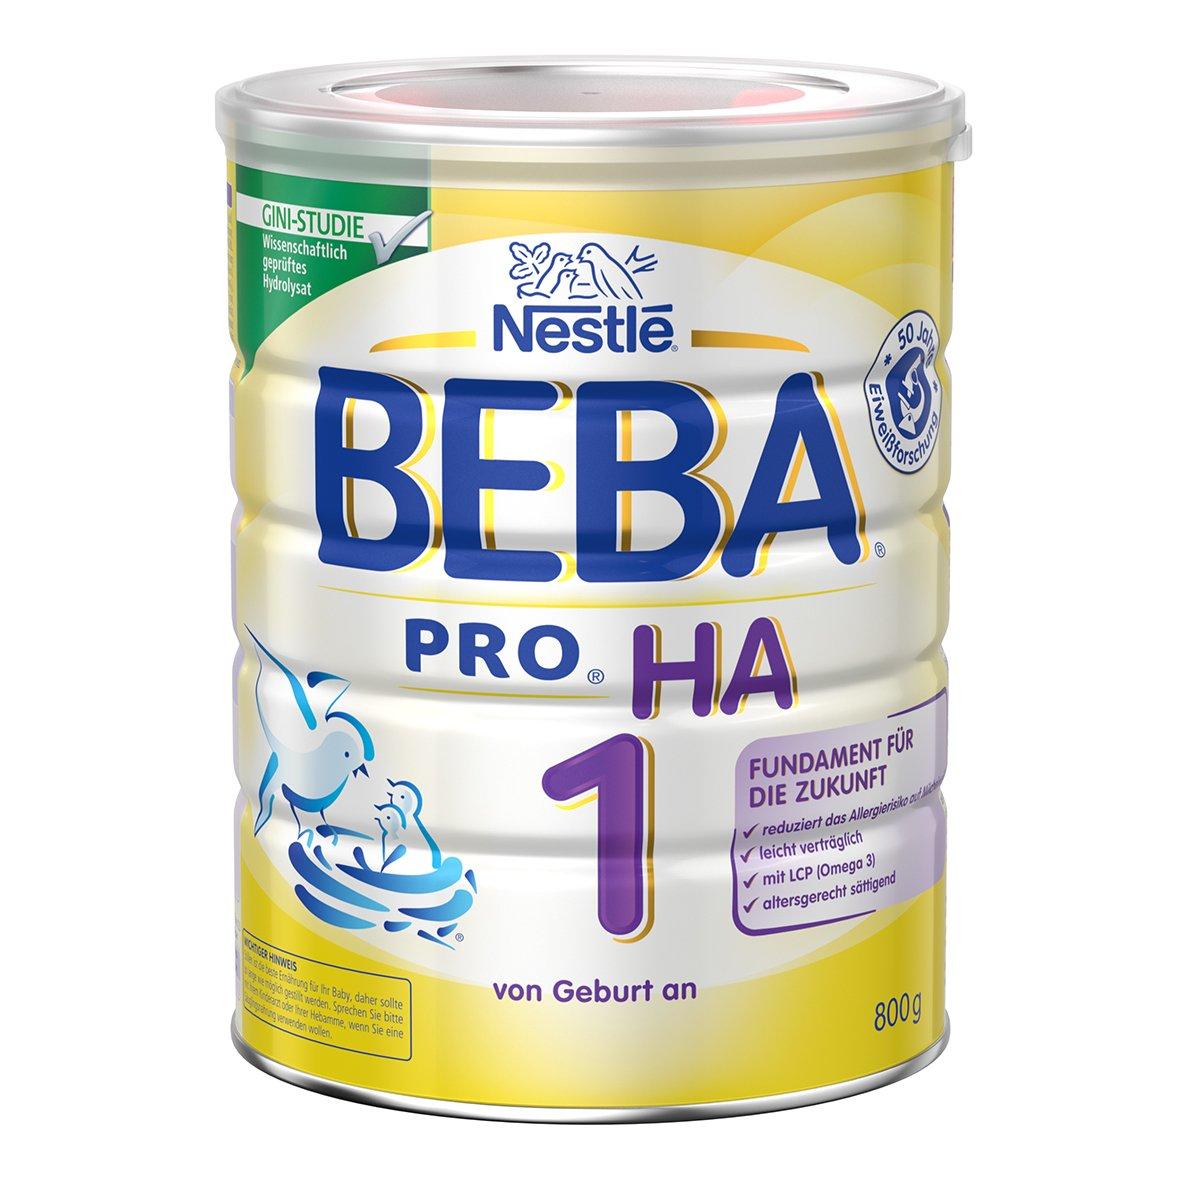 Nestlé BEBA PRO HA 1 Anfangsnahrung, hypoallergene Säuglings-Nahrung, hydrolisierte Baby-Nahrung, ab Geburt, sättigend, 6er Pack (6 x 800 g) sättigend Nestlé Nutrition GmbH 12332812